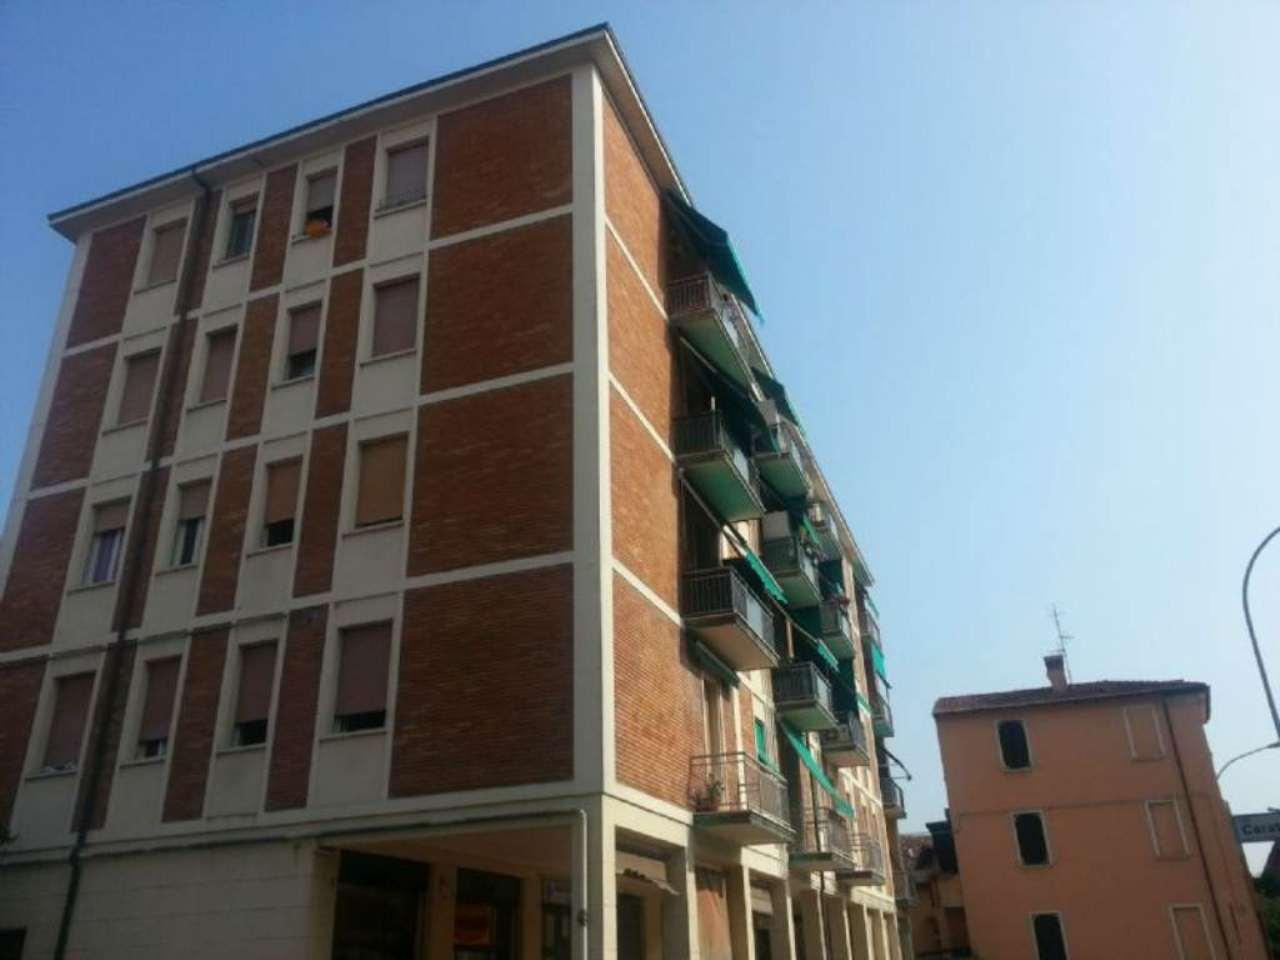 Negozio / Locale in affitto a Bologna, 1 locali, zona Zona: 17 . Borgo Panigale, prezzo € 450 | Cambio Casa.it